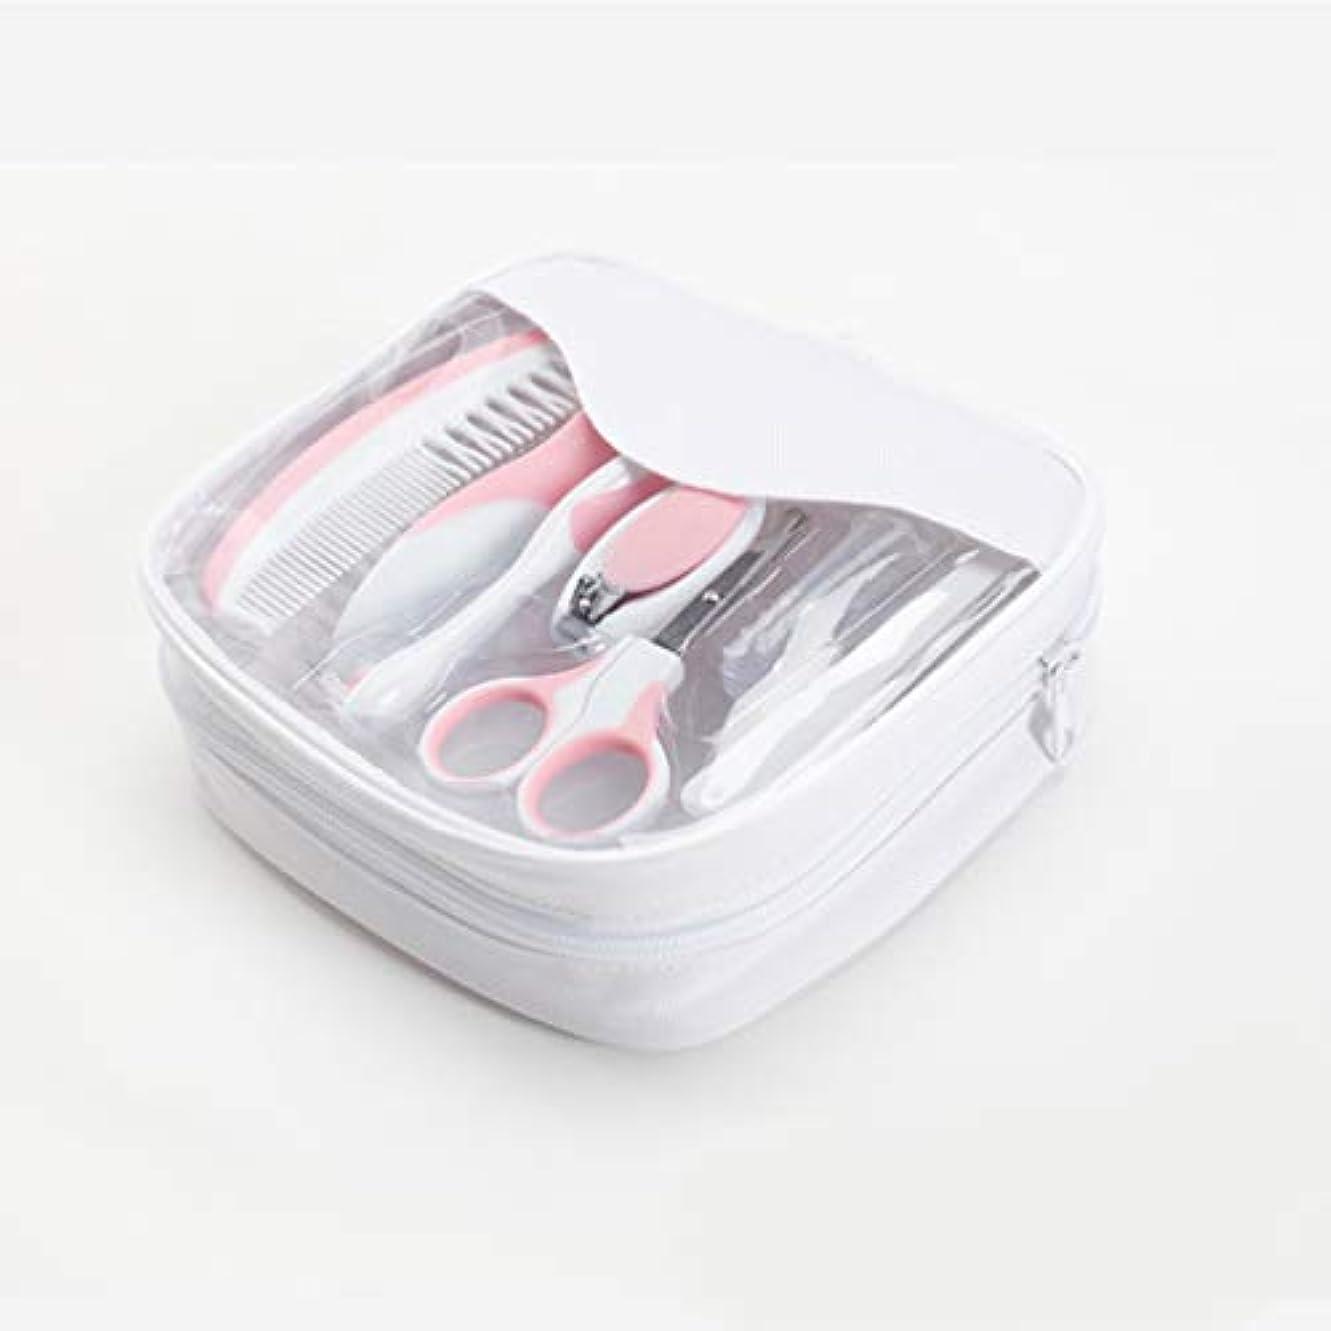 サンプル趣味せせらぎベビーネイルクリッパーセット、7ポータブルベビー製品ネイルケア子供ネイルハサミ安全はさみのセット,Pink